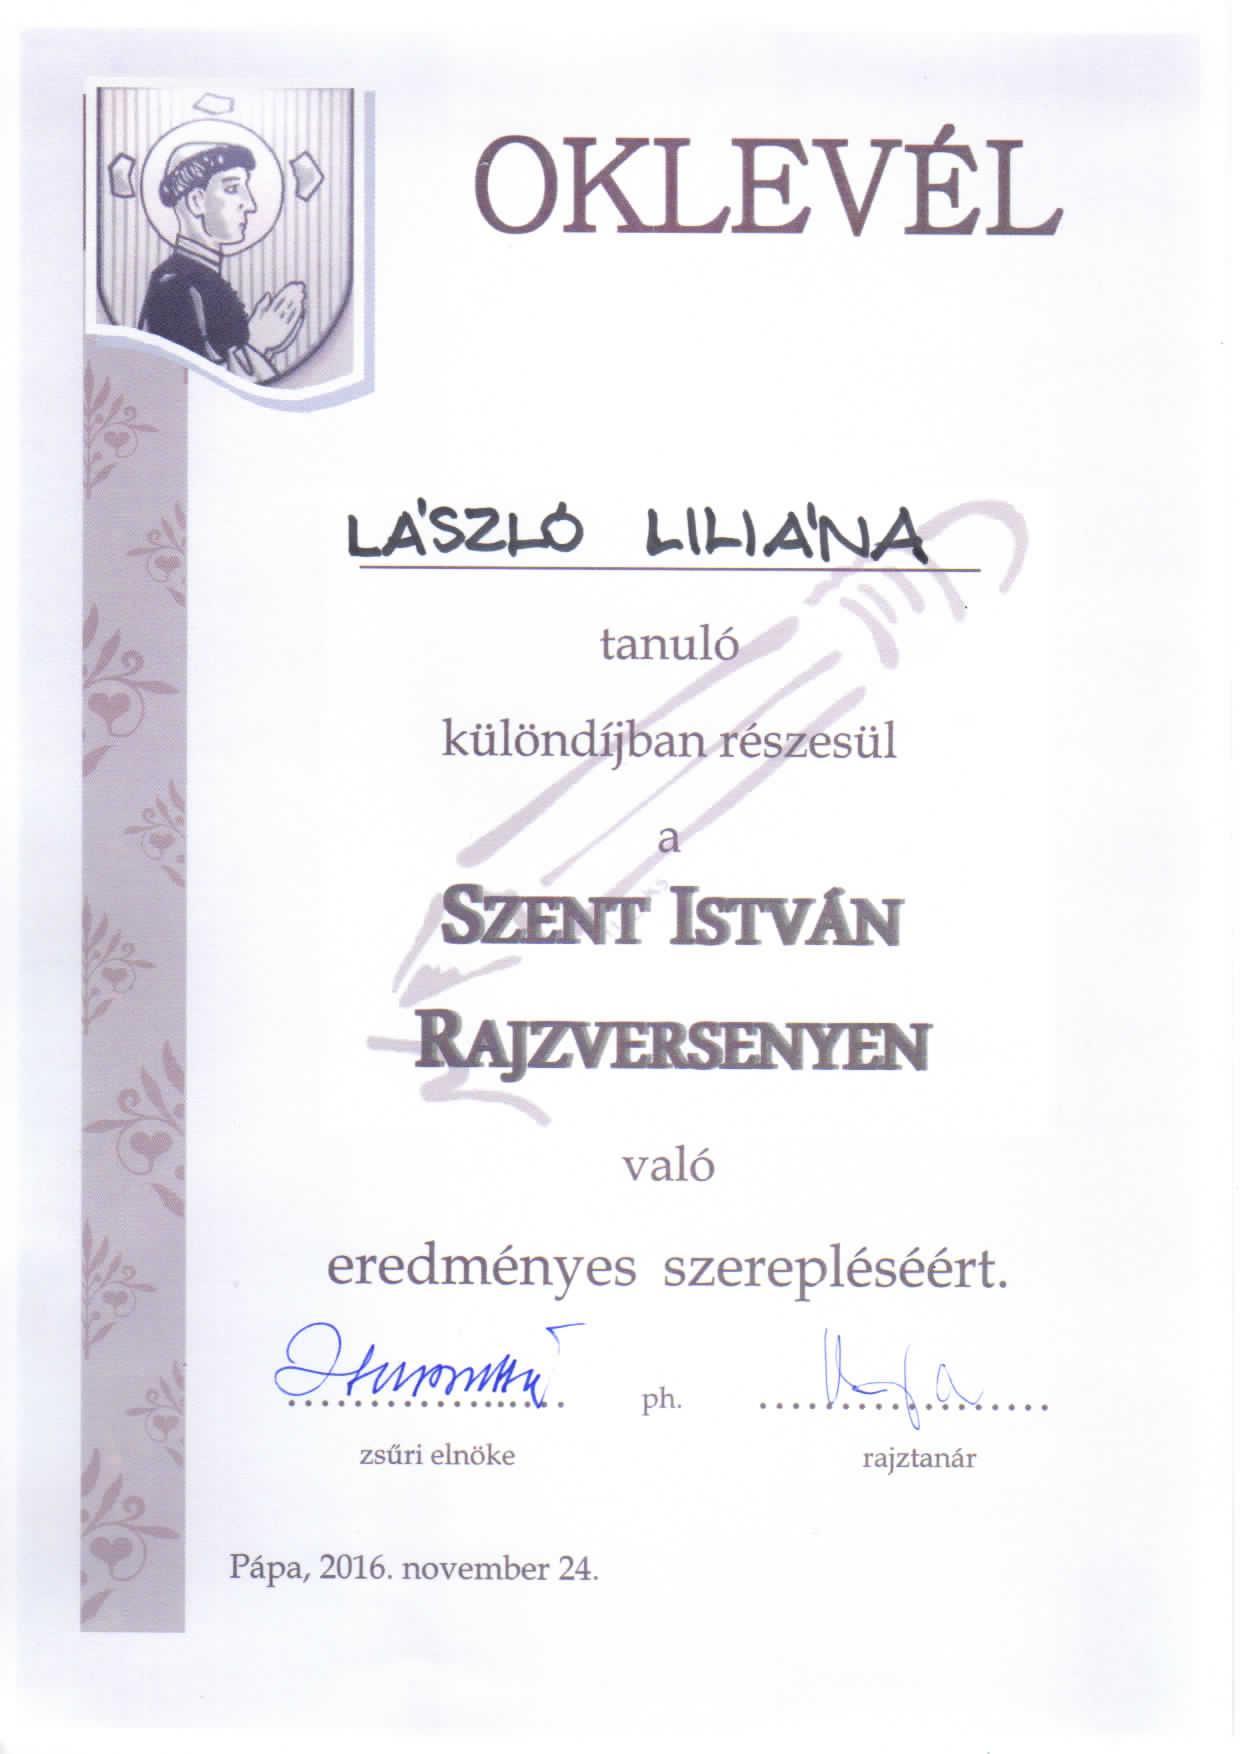 rajzpalyazat-papa-2-page-001